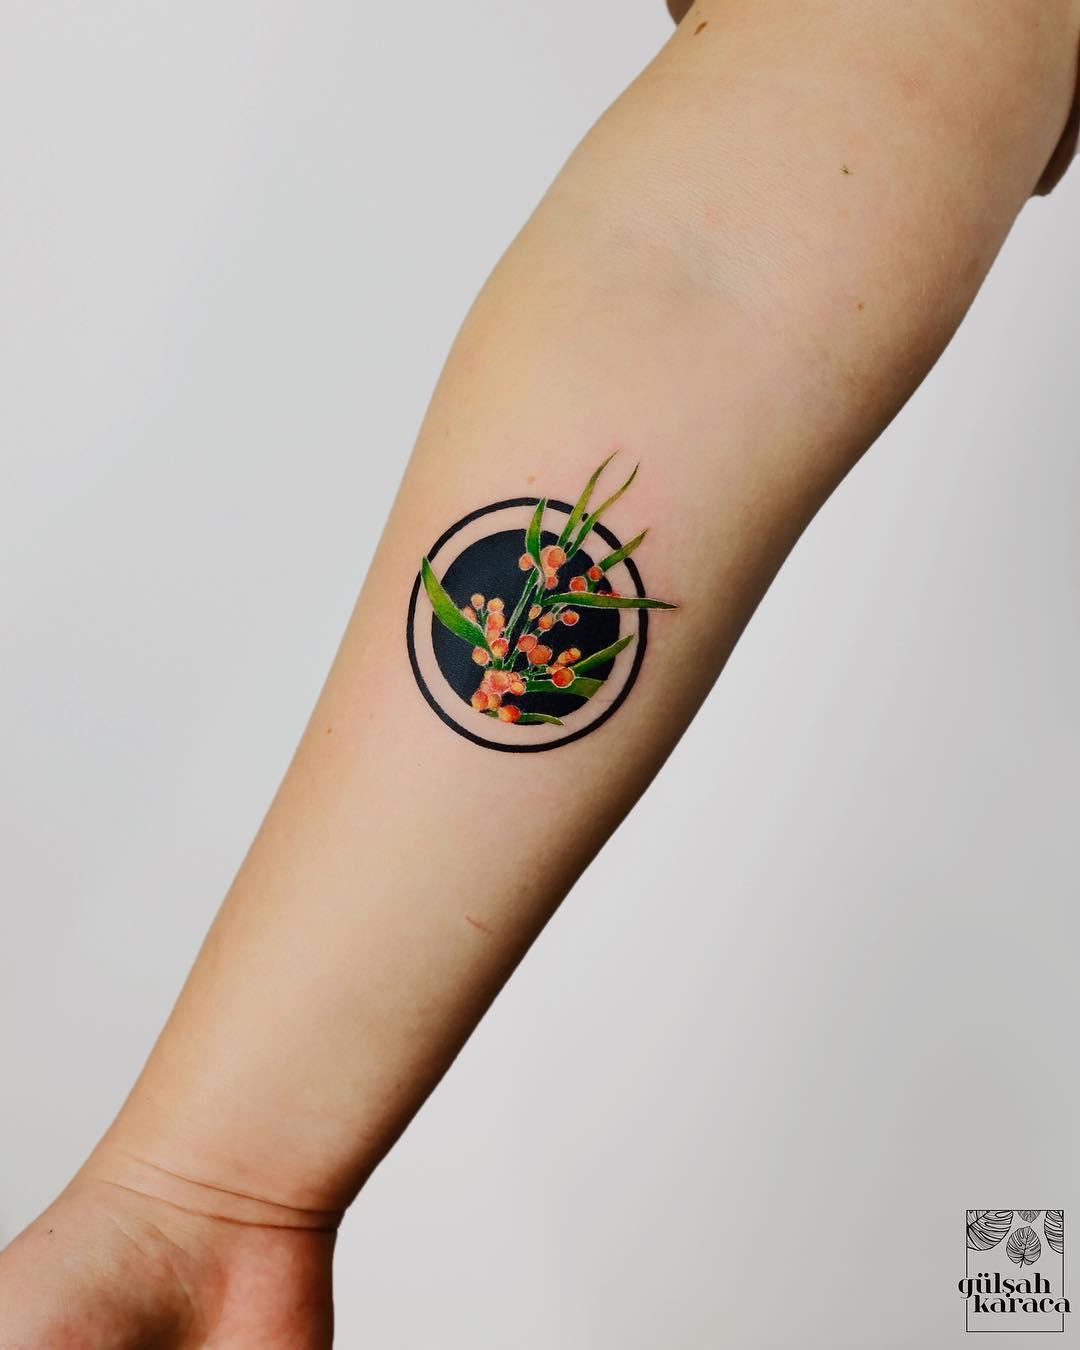 23個「在皮膚上施魔法」的絕美夢幻紋身 他把「彈指的瞬間」留在手上!